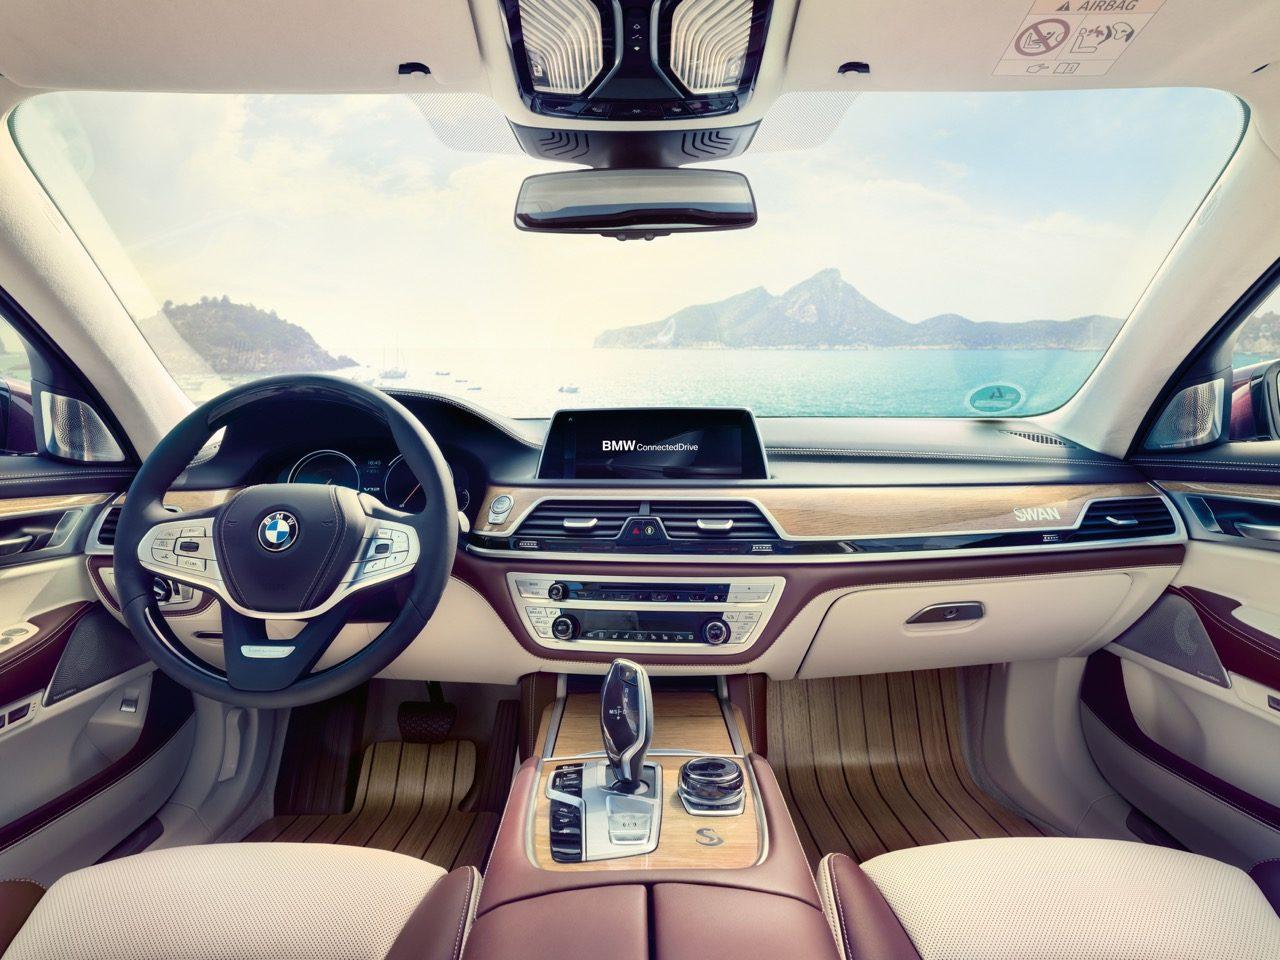 BMW-7-serie-M760Li-Nautor-Swan-01.jpg